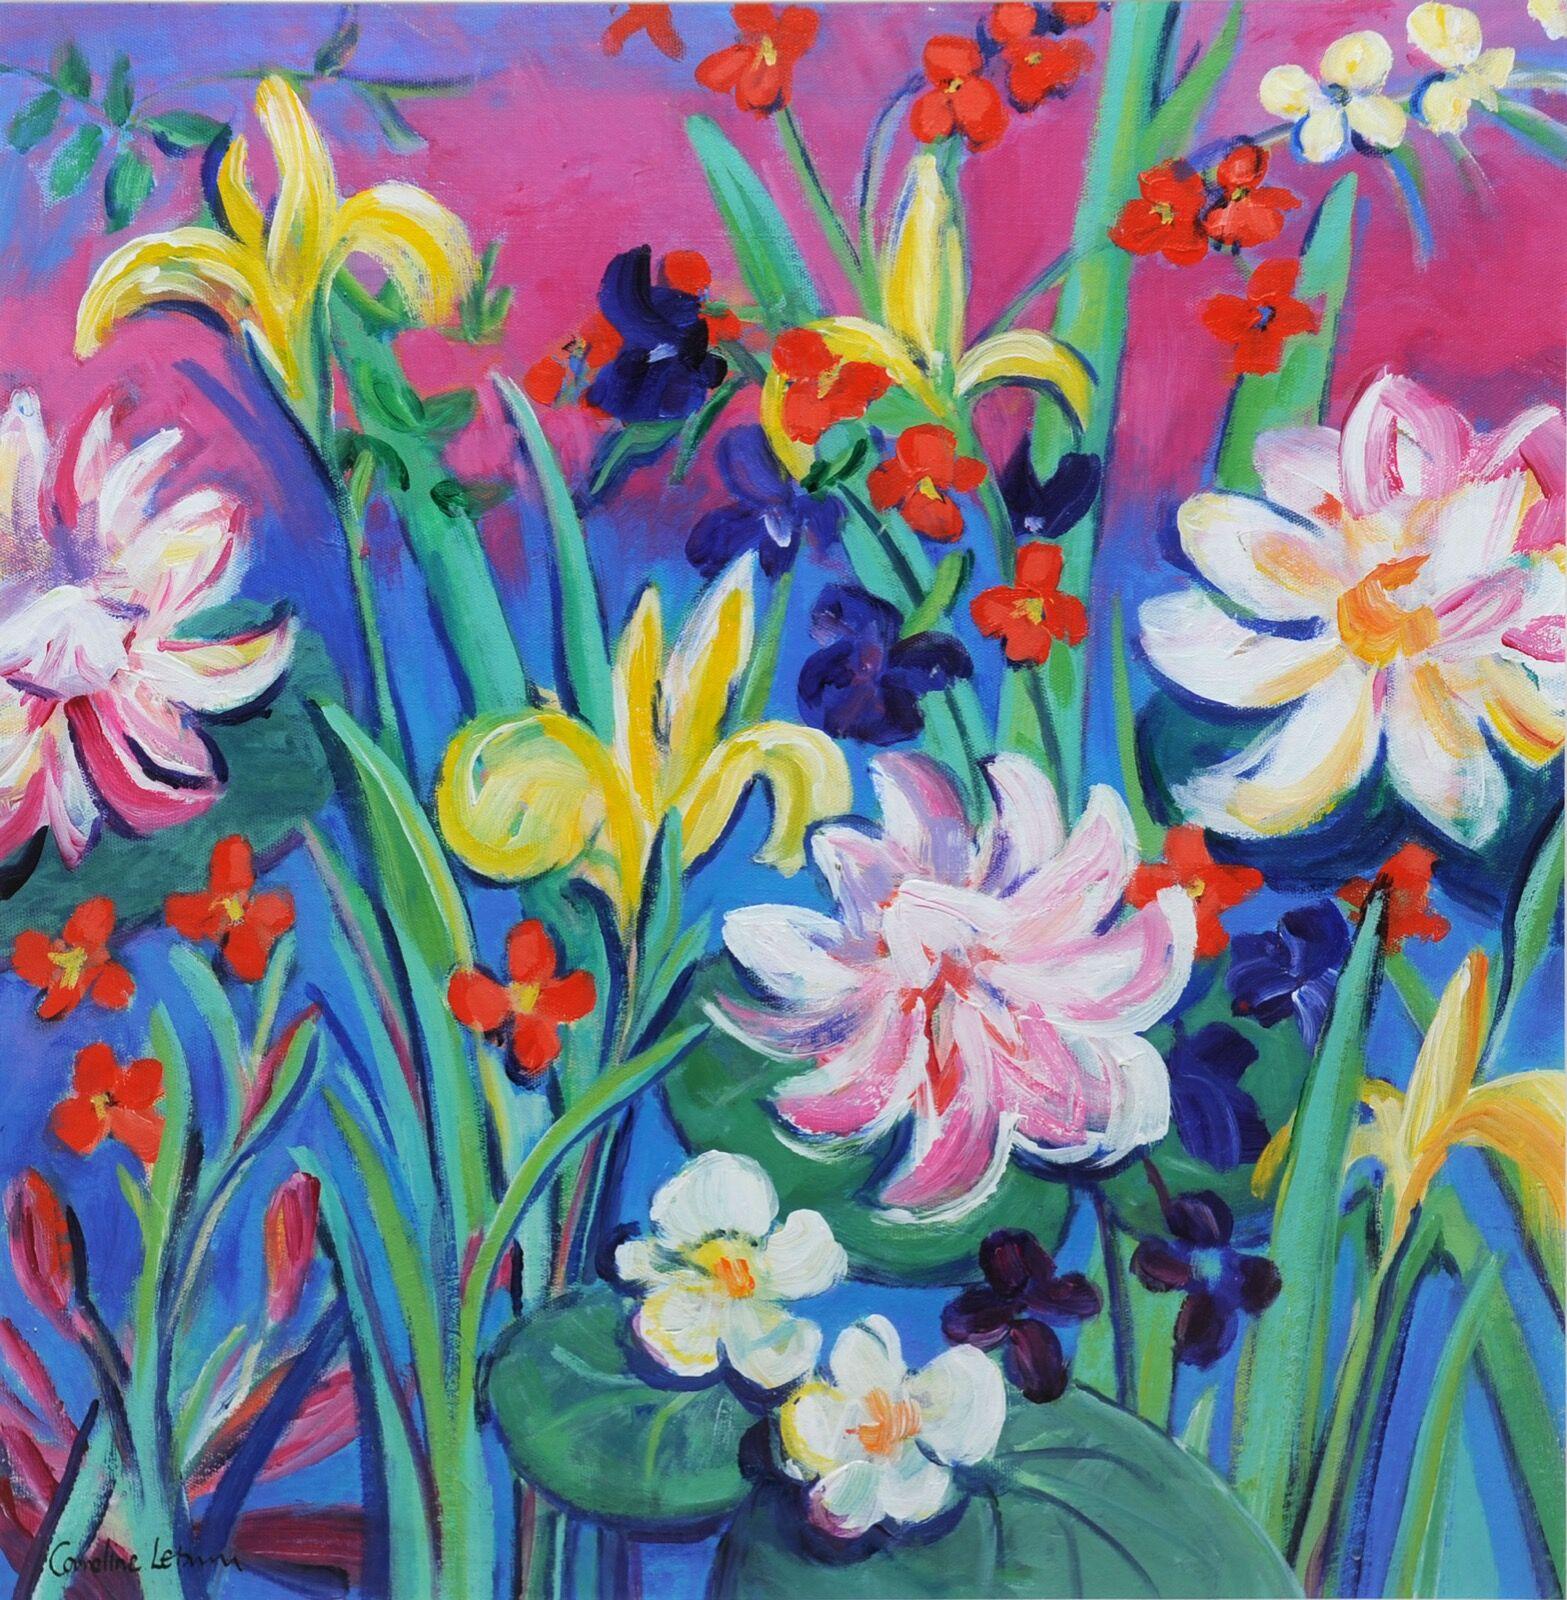 Irridescent Irises 60 x 60 £475